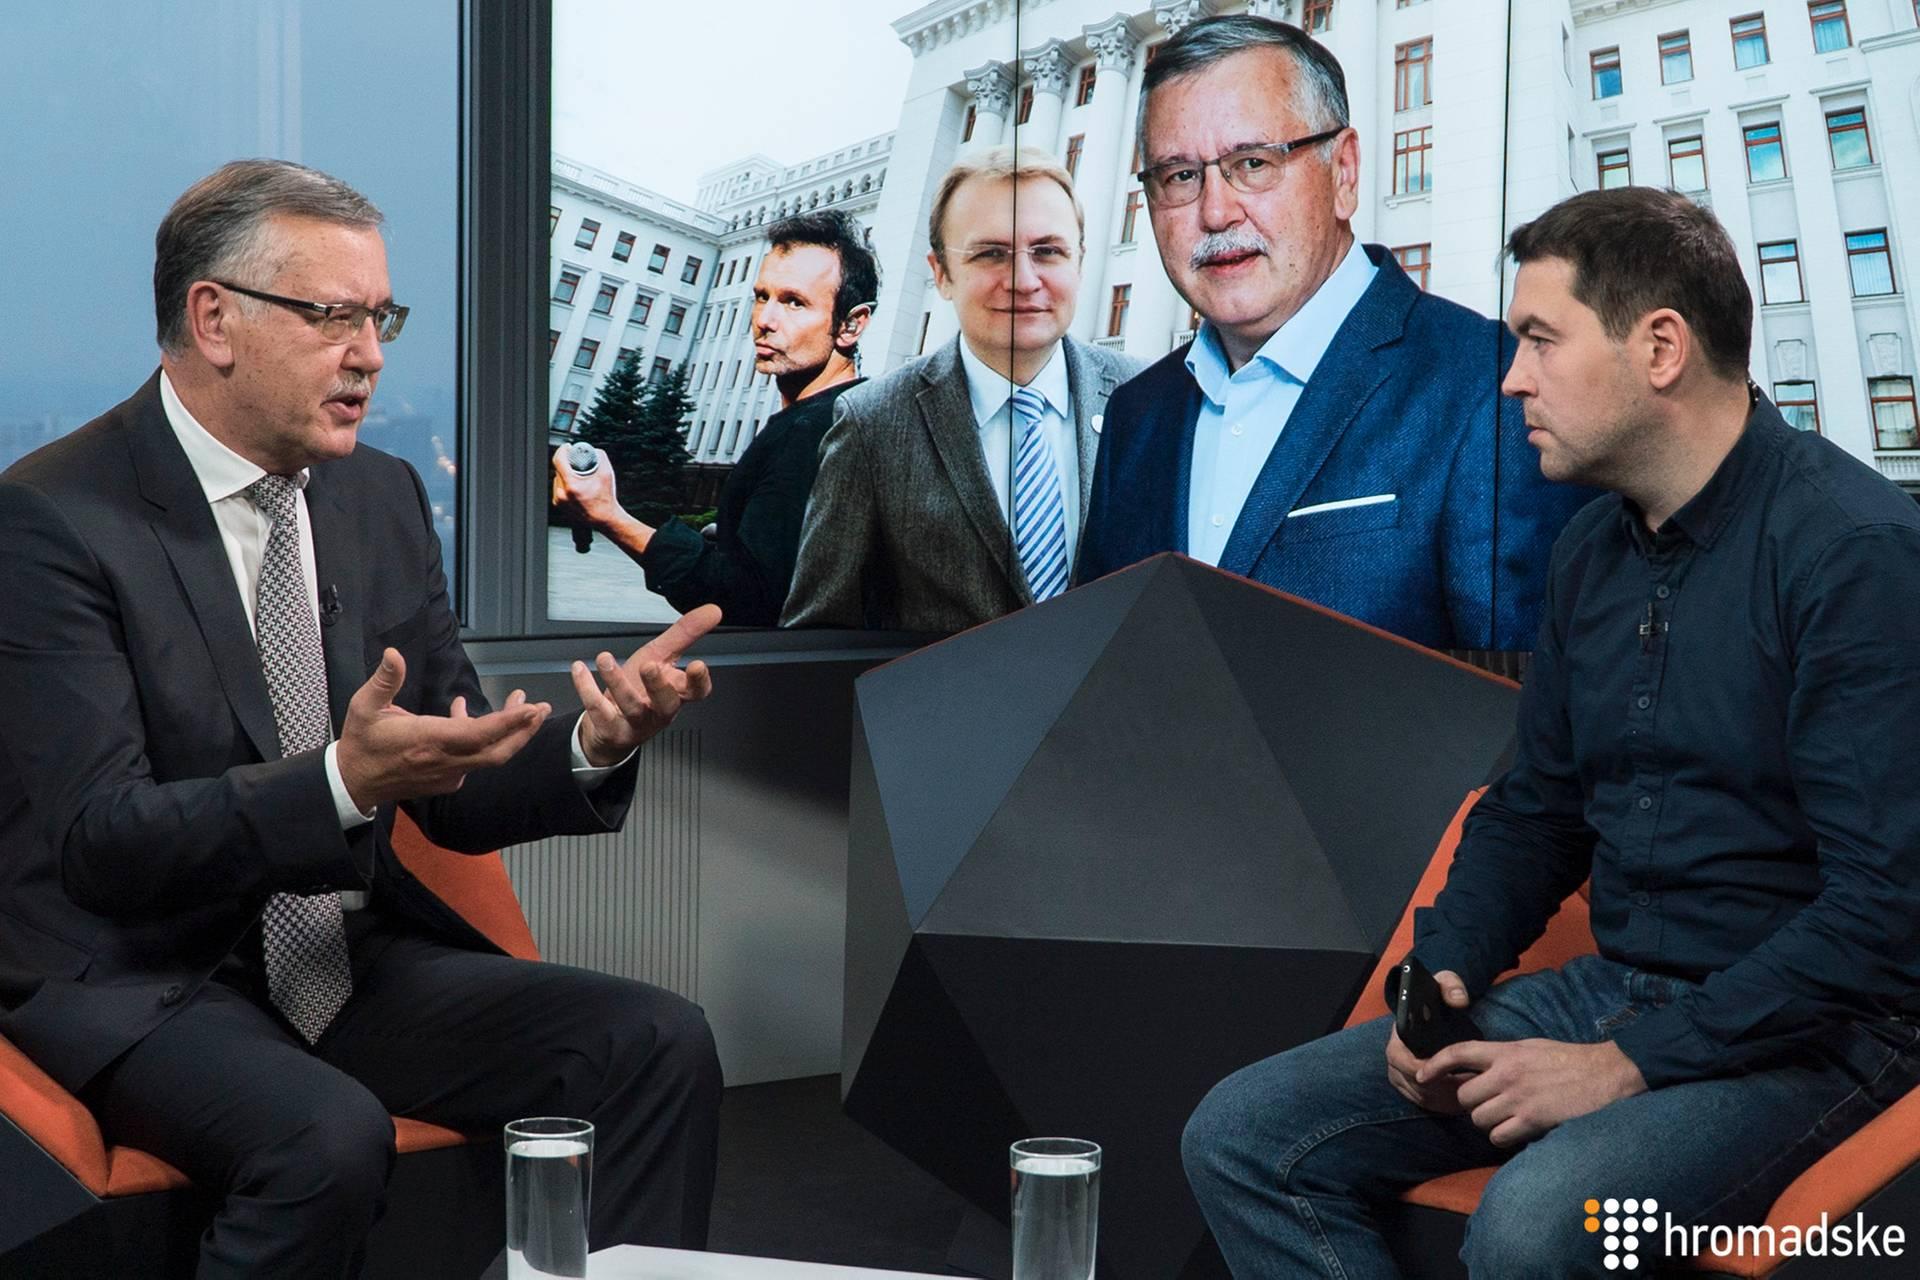 Лідер партії «Громадянська позиція» Анатолій Гриценко (ліворуч) і журналіст Громадського Максим Каменєв у студії Громадського, Київ, 22 листопада 2018 року